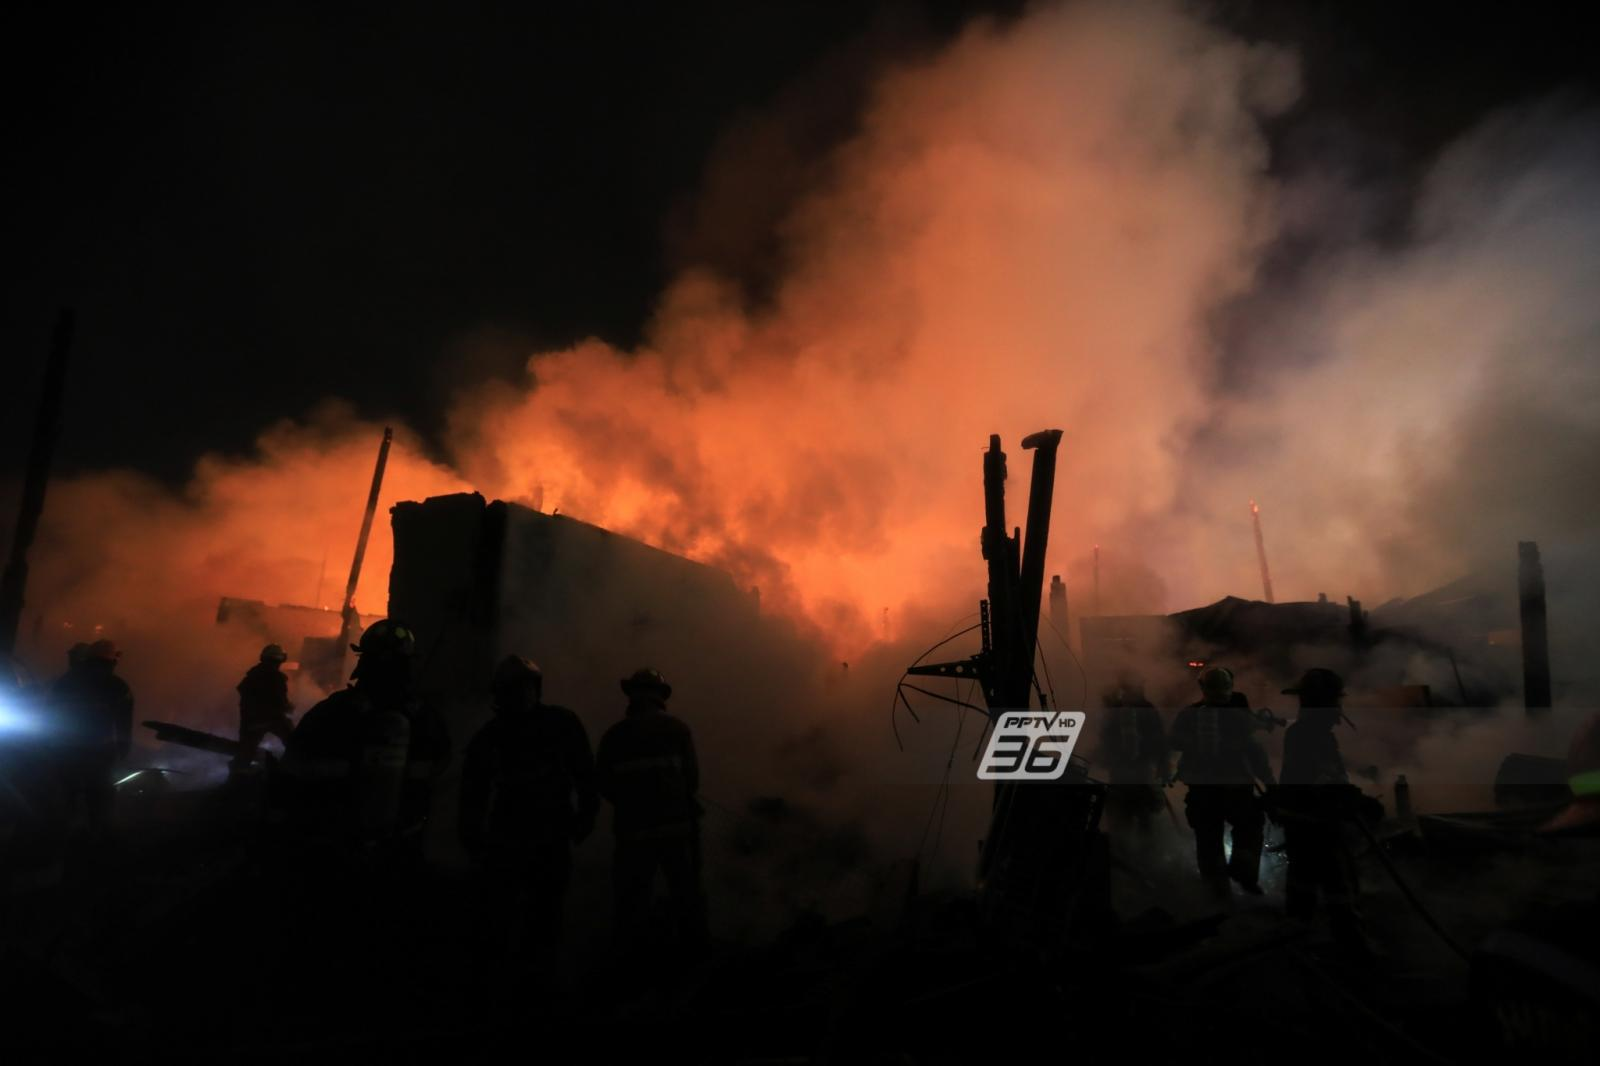 เผาวอด 50 หลัง ชุมชนตลาดดอนเมือง 200 คนหนีตาย ตัดปมวางเพลิง!